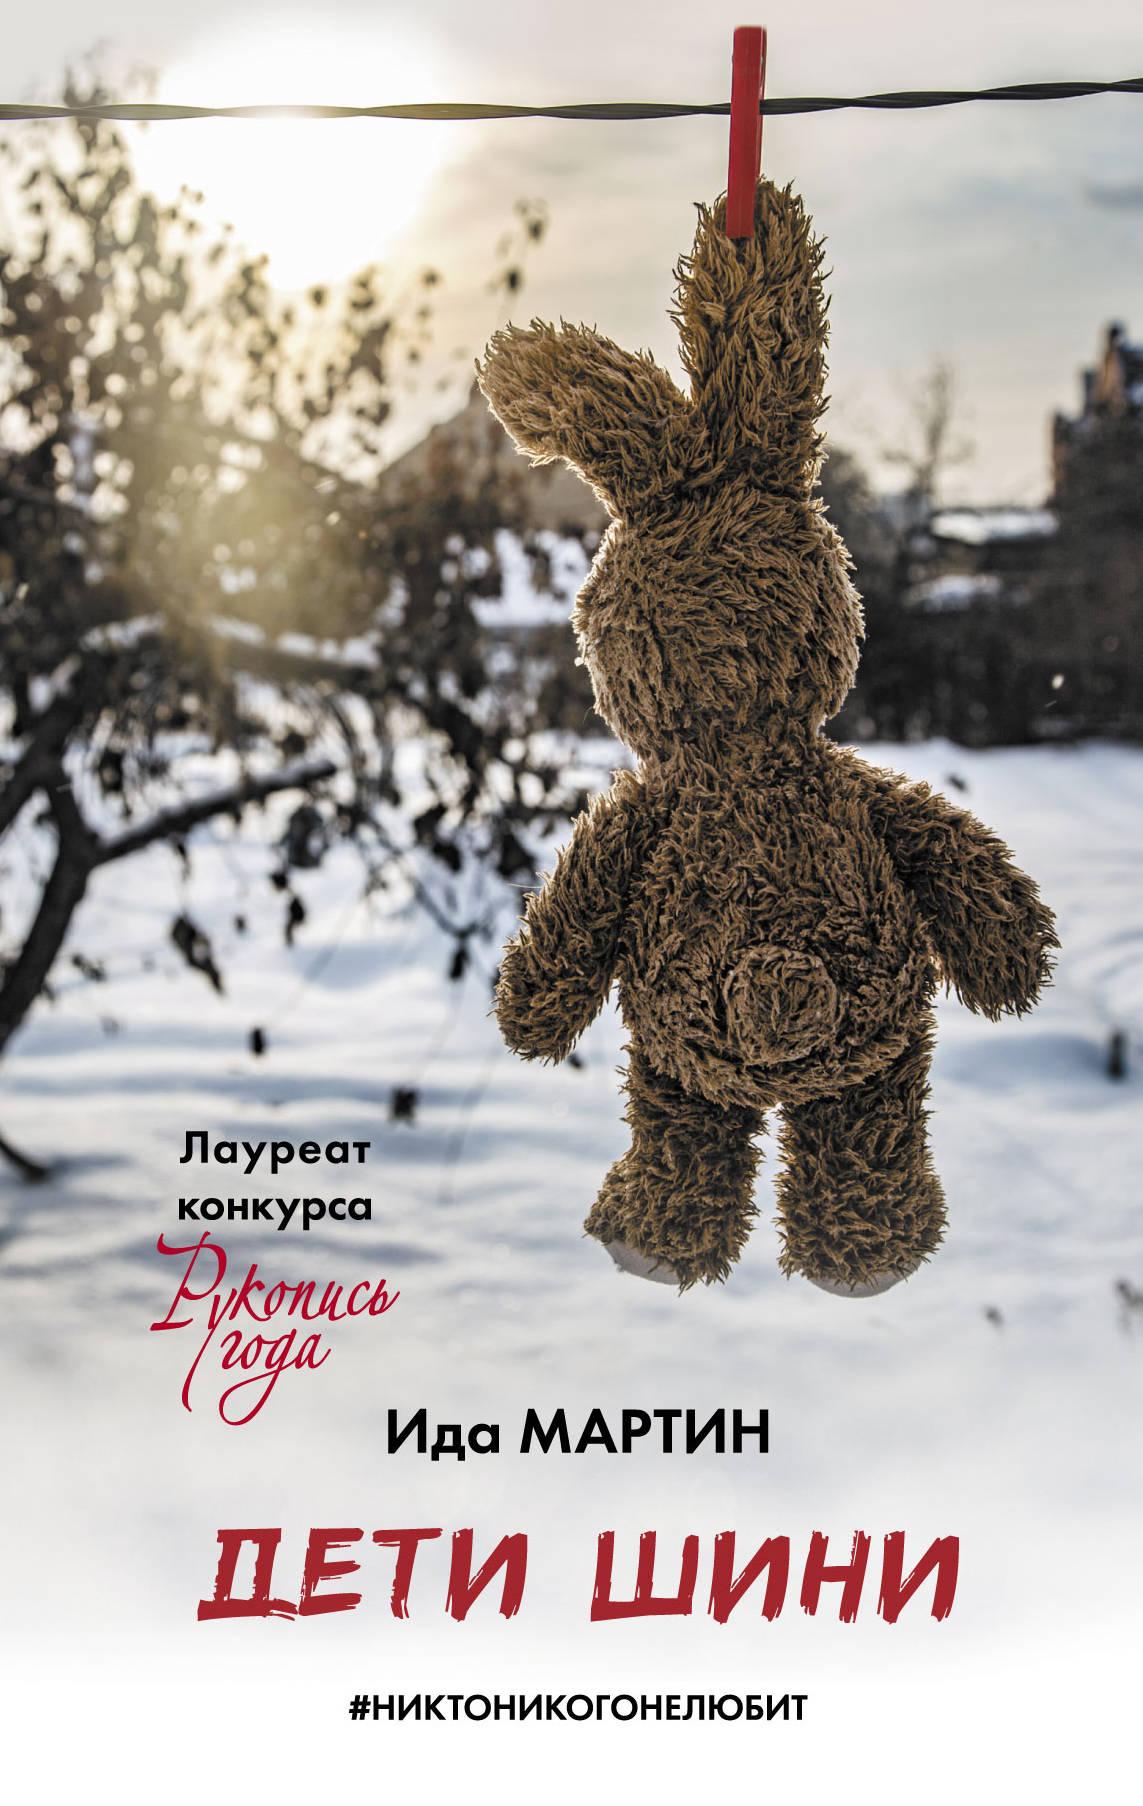 Мартин Ида Дети Шини